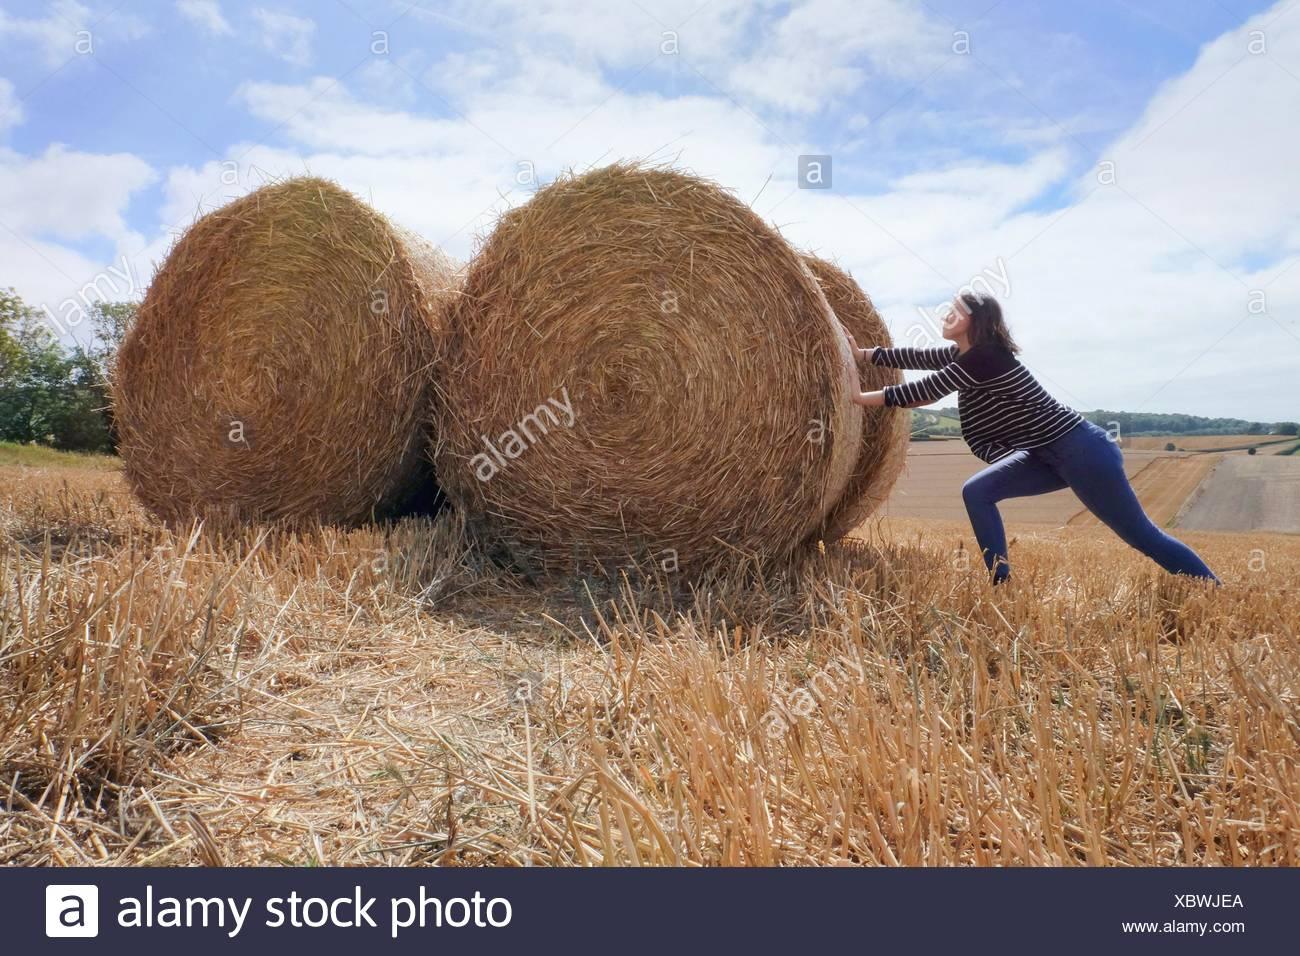 Jeune femme faisant semblant de pousser dans le champ de foin récolté Banque D'Images